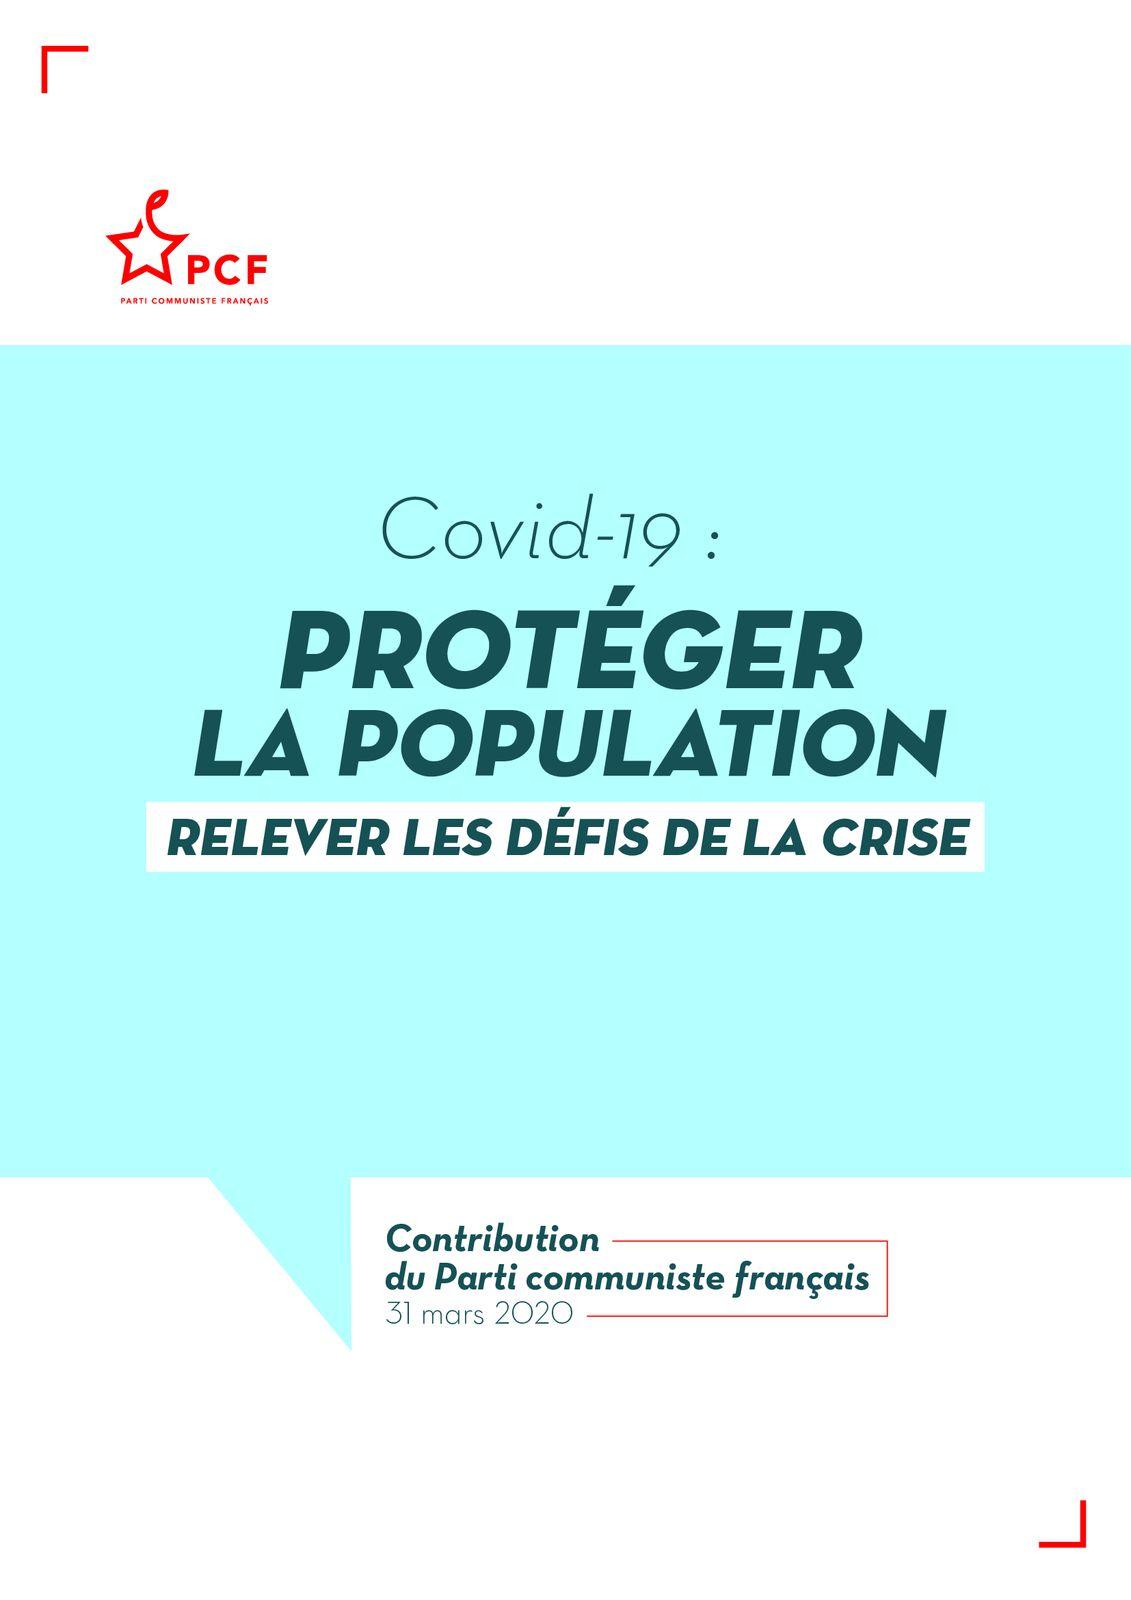 COVID 19 : CONTRIBUTION DU PARTI COMMUNISTE FRANCAIS - 31 MARS 2020